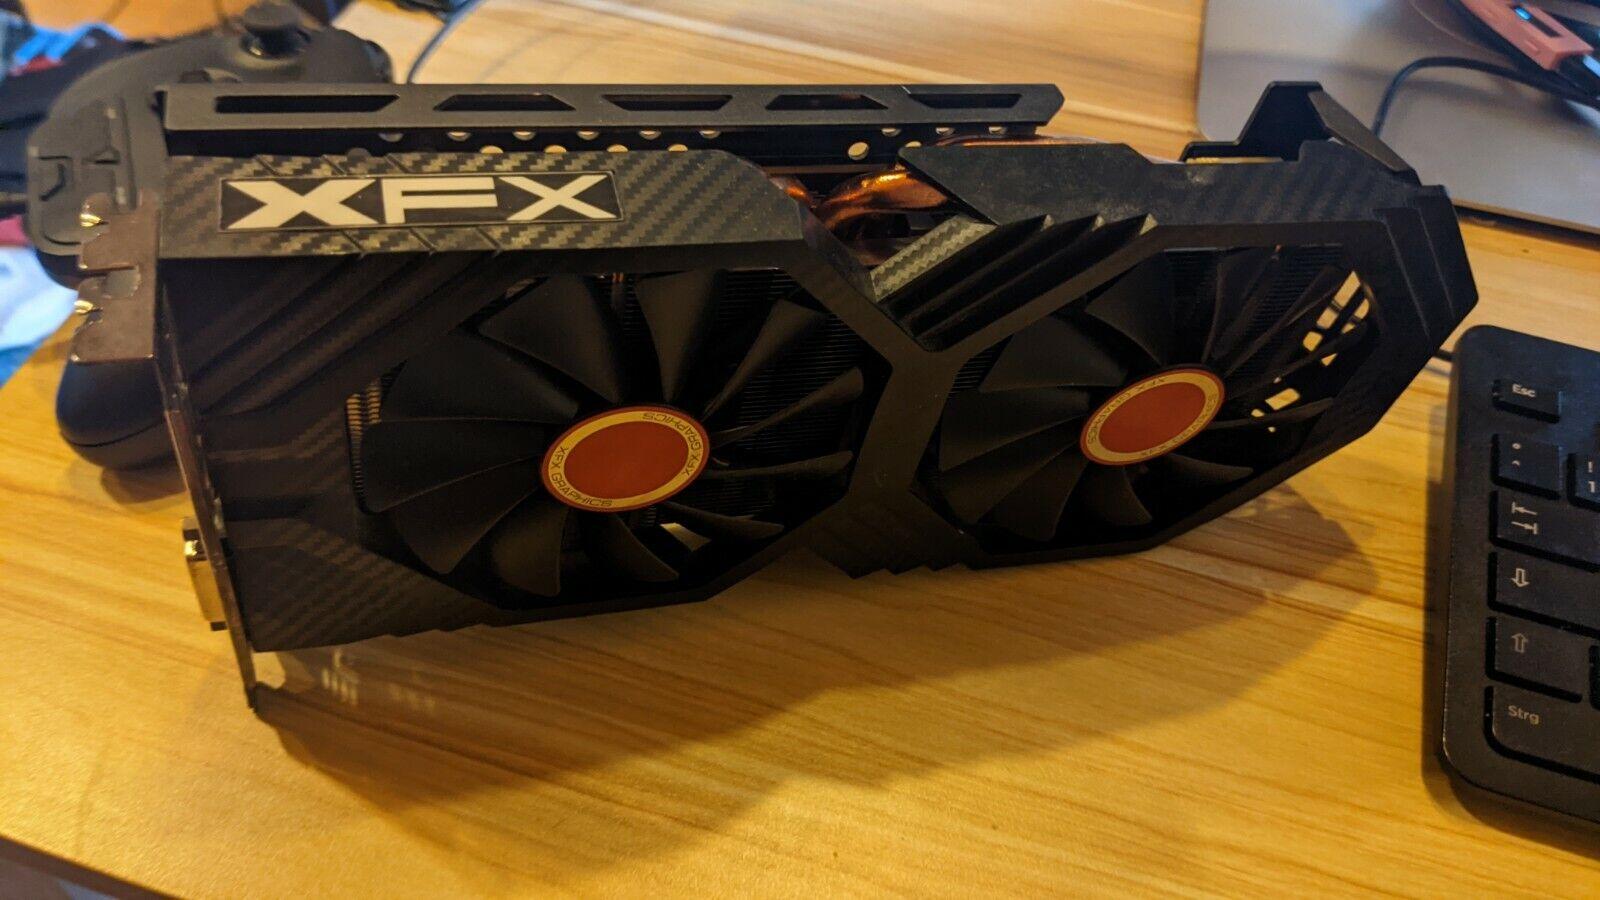 XFX RX 580 8GB